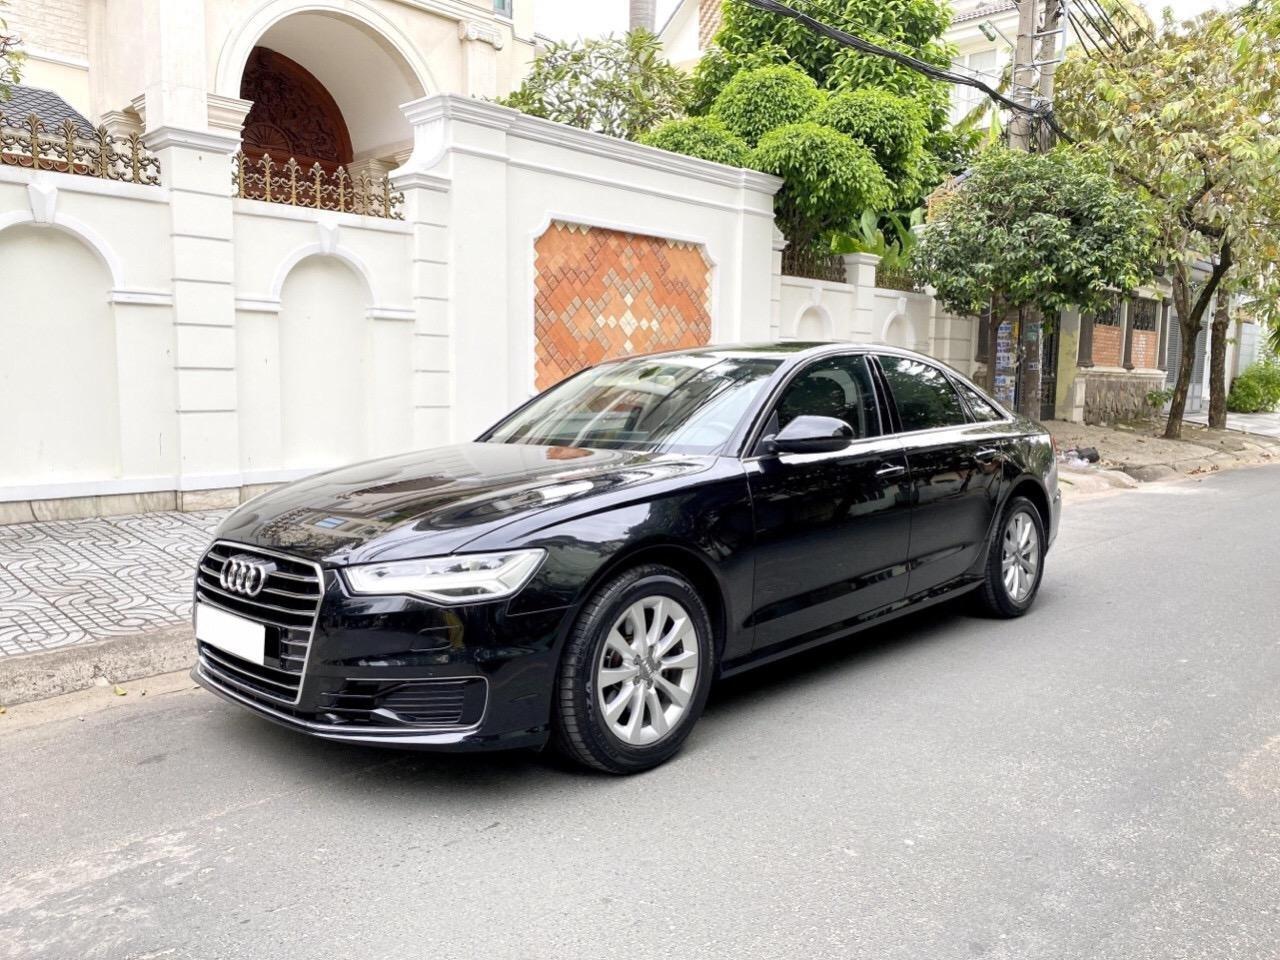 Bán Audi A6 2015 đăng ký 2017 màu đen nội thất kem  xe đẹp, không lỗi bao check tại hãng (2)